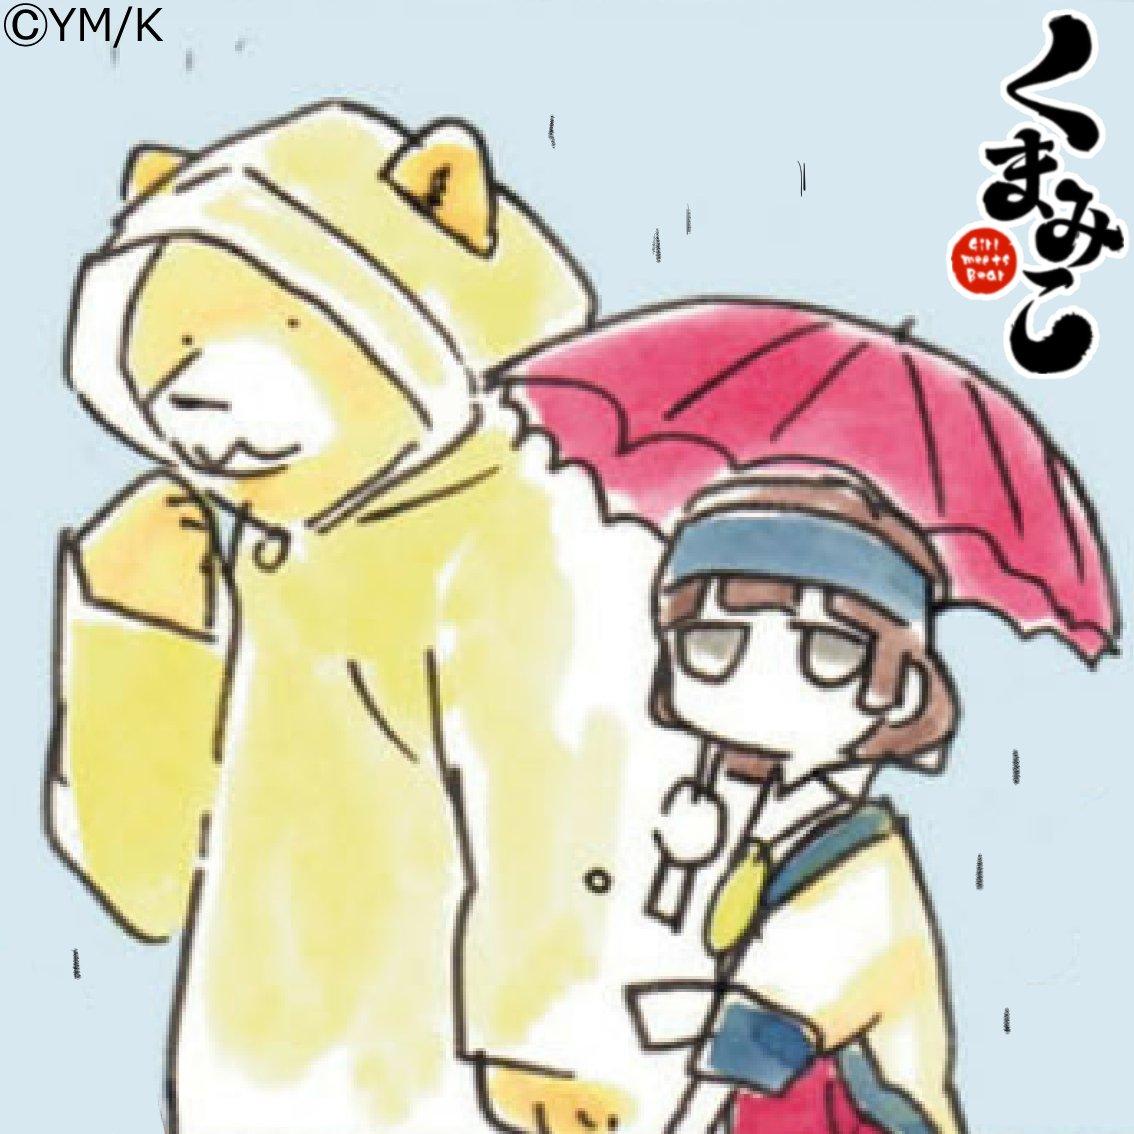 くまみこ50話記念ツイッターアイコン配布第4弾です(´(ェ)`)今日は梅雨っぽいものを…(´(ェ)`)